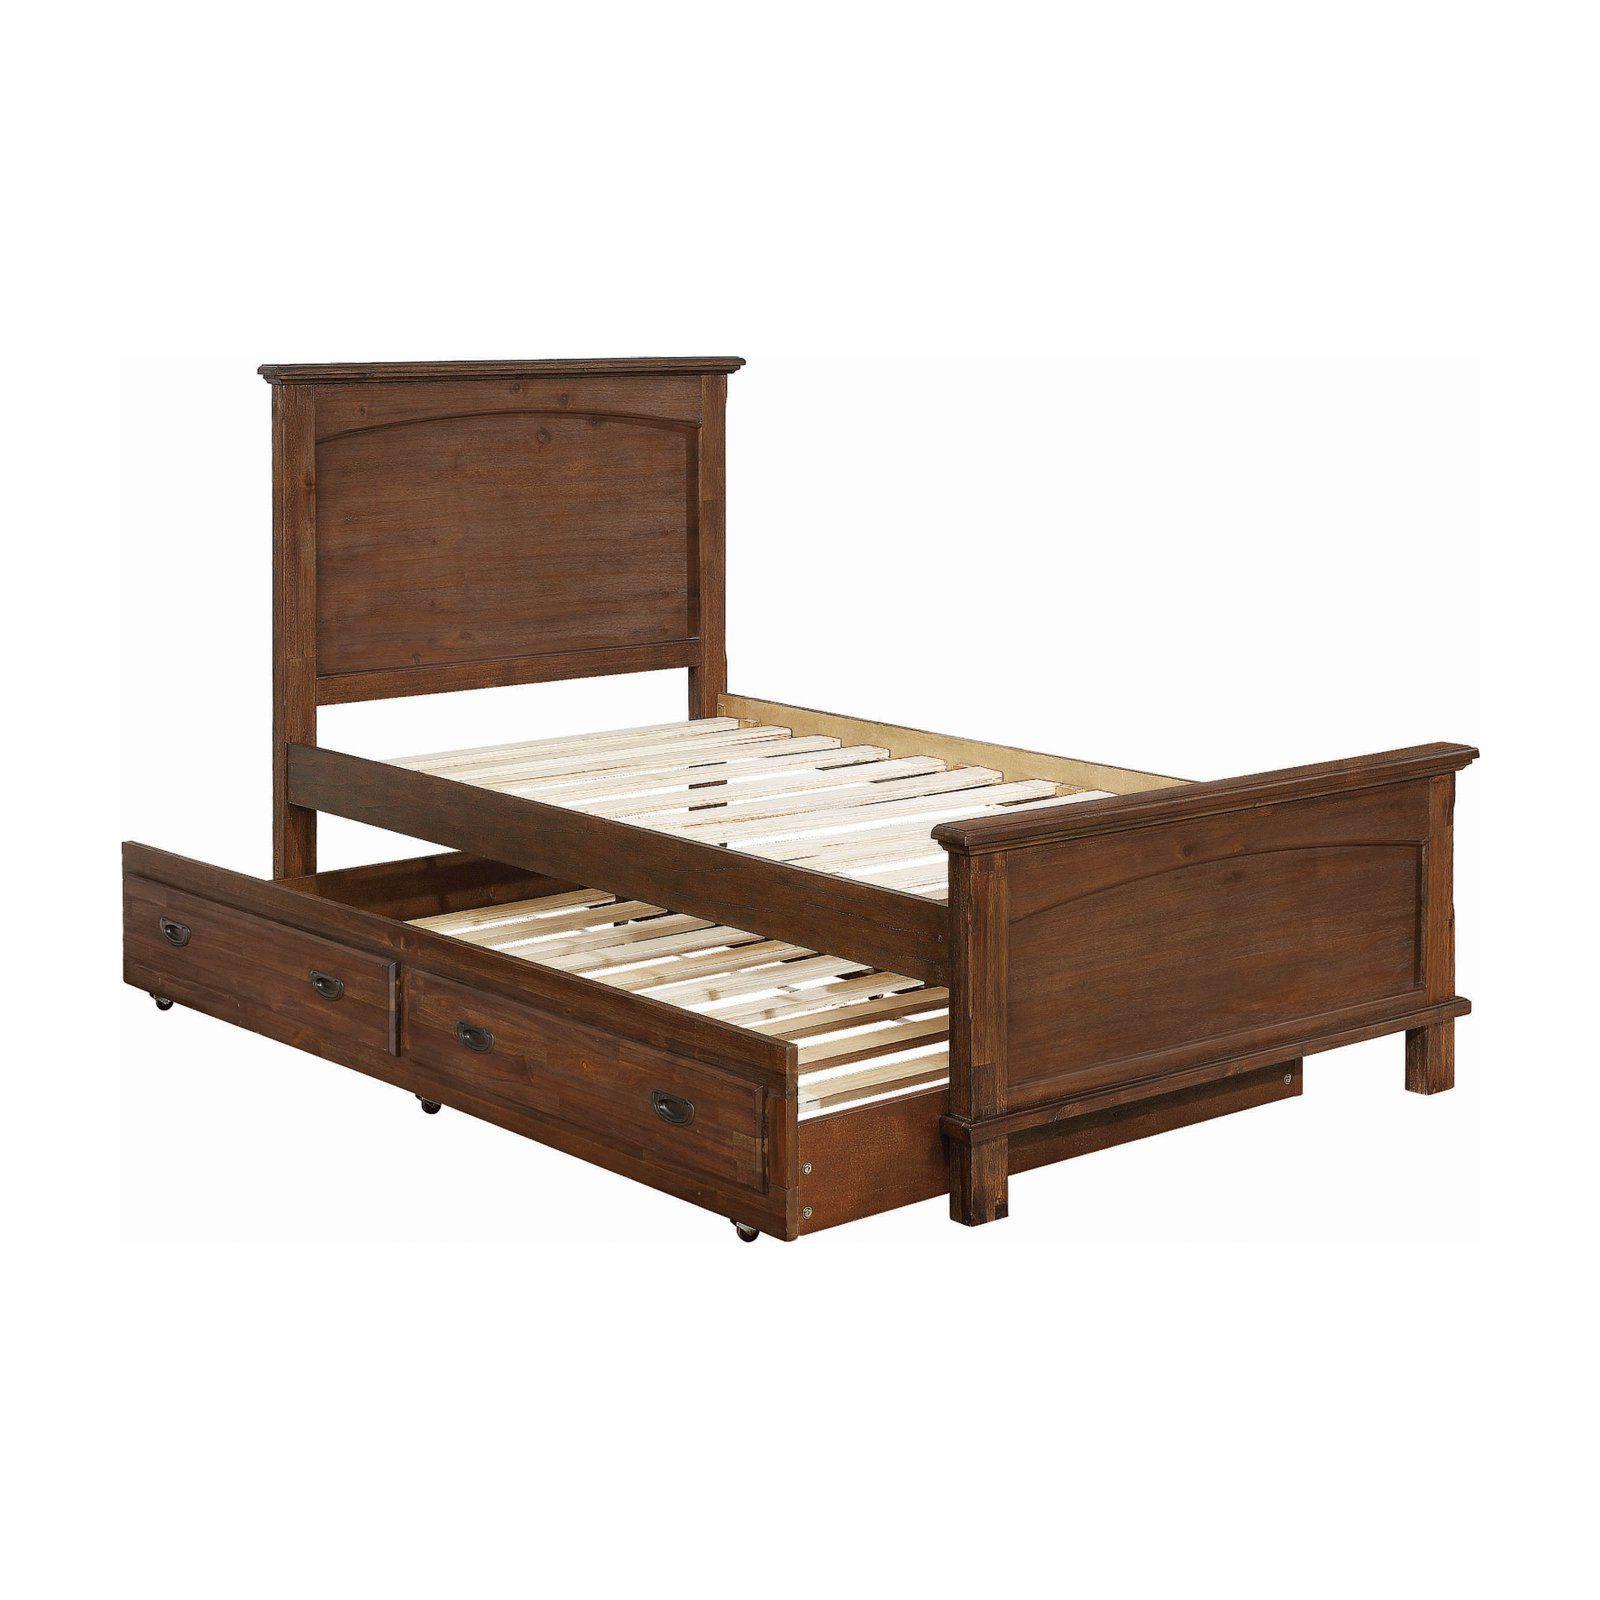 Coaster Furniture Kinsley Platform Bed With Optional Trundle En 2020